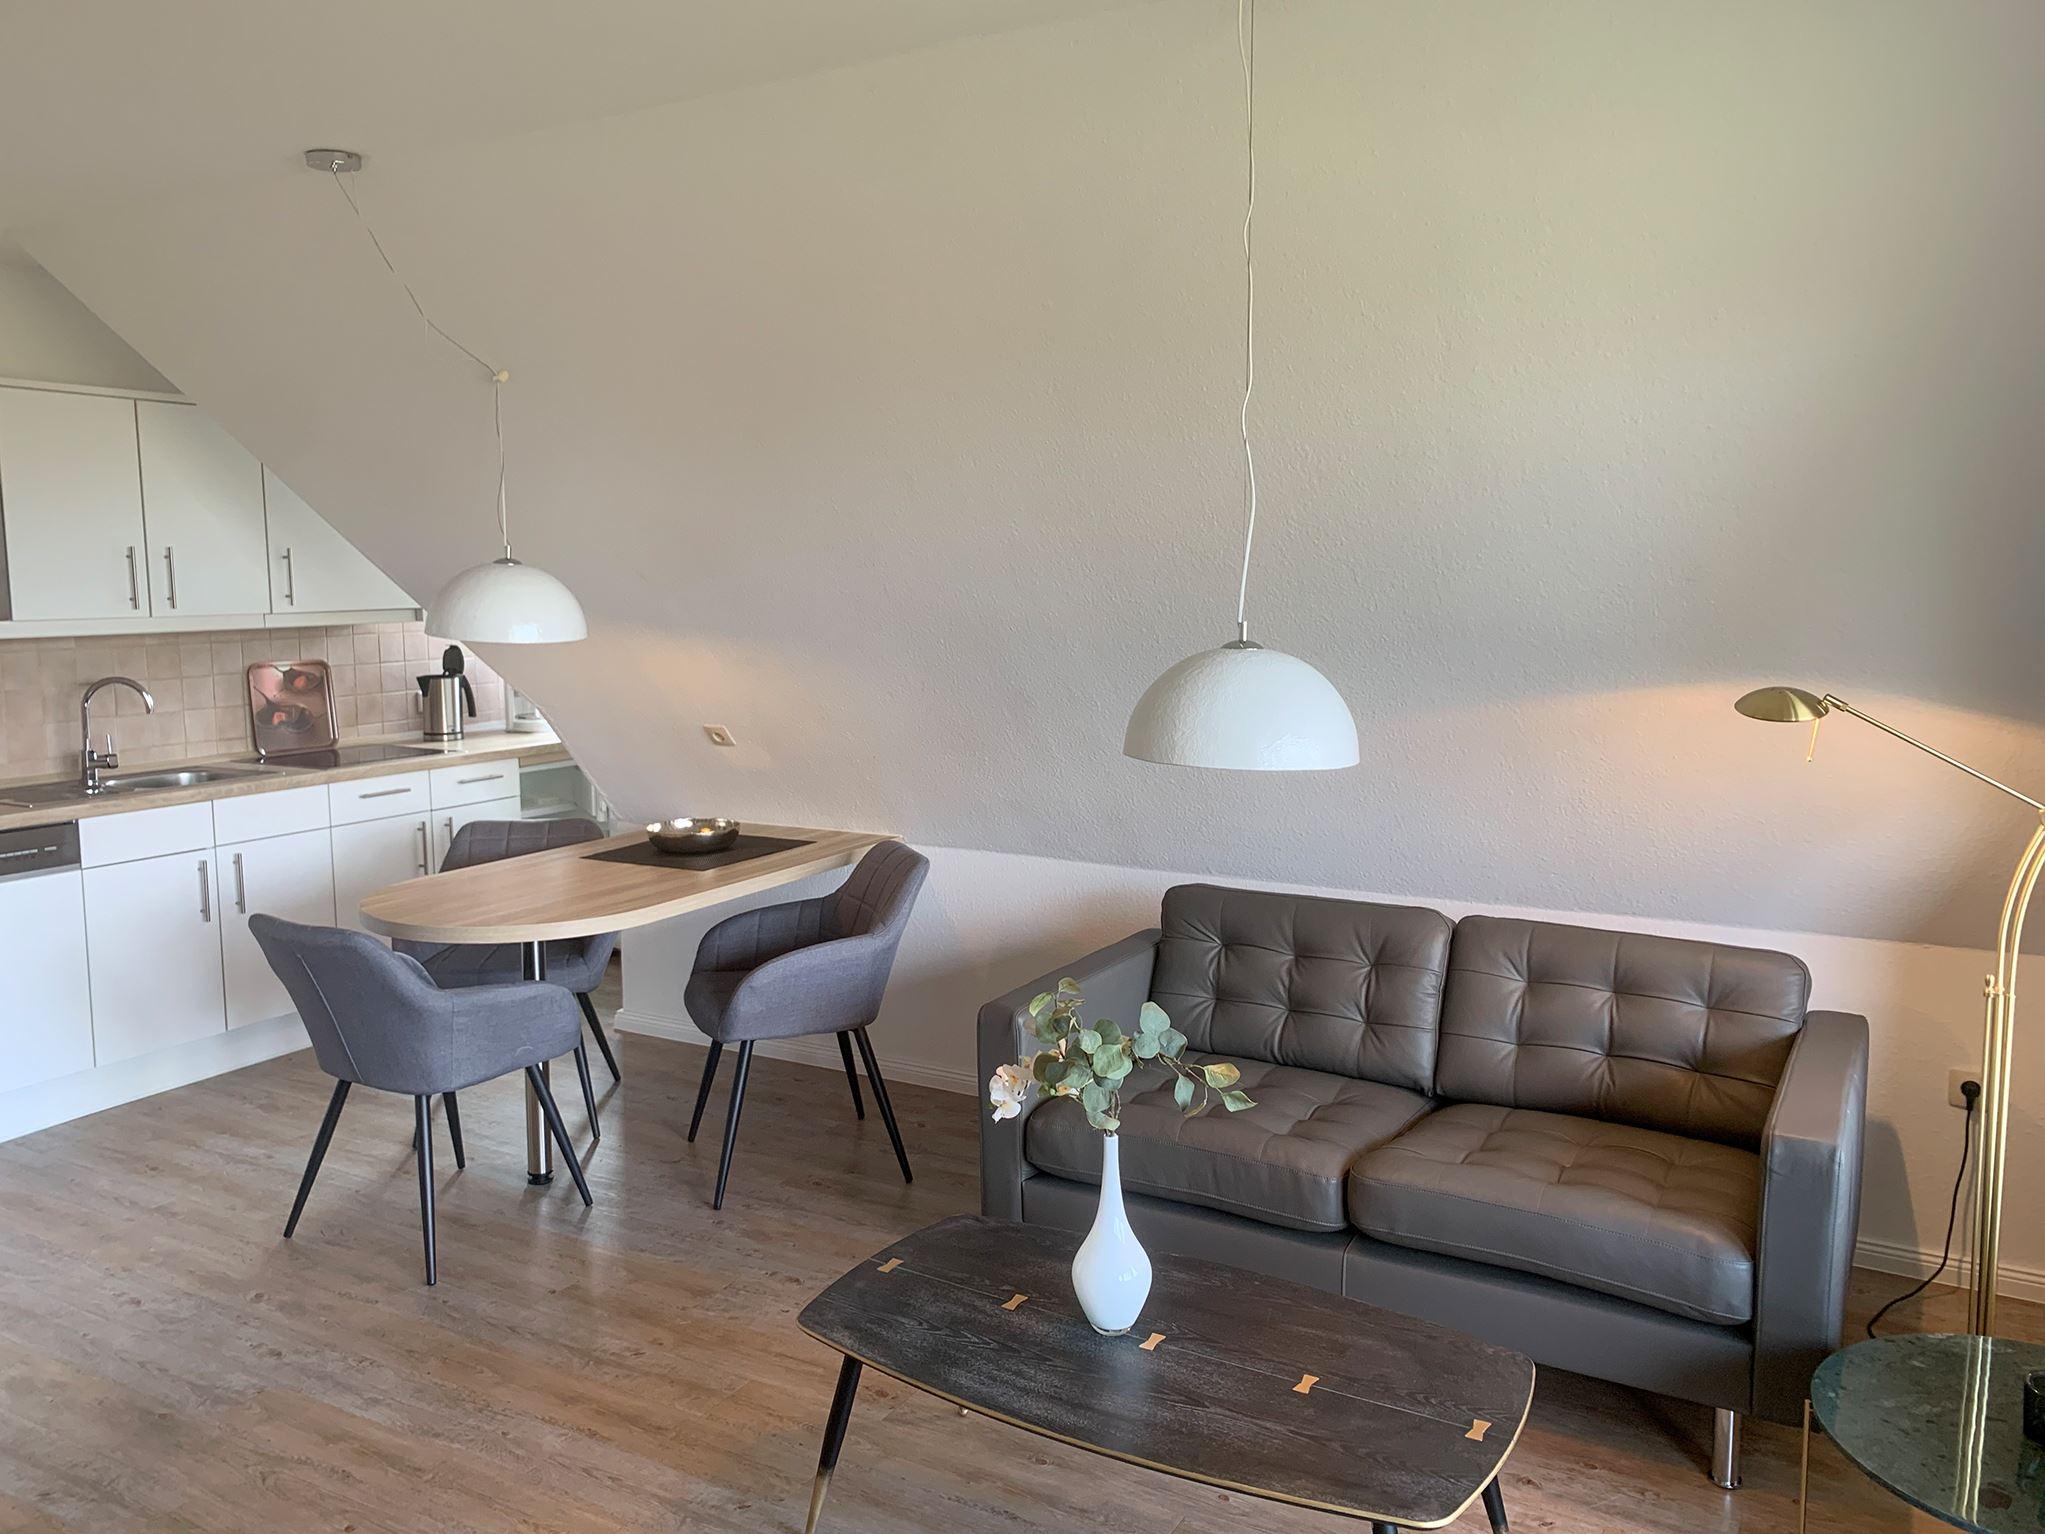 Gemütliches strandnahes Ferienappartement in St. Peter-Ording für 2-3 Personen mit Loggia in Strandnähe mit Blick auf den Ordinger Deich-Luna IV Nr. 36